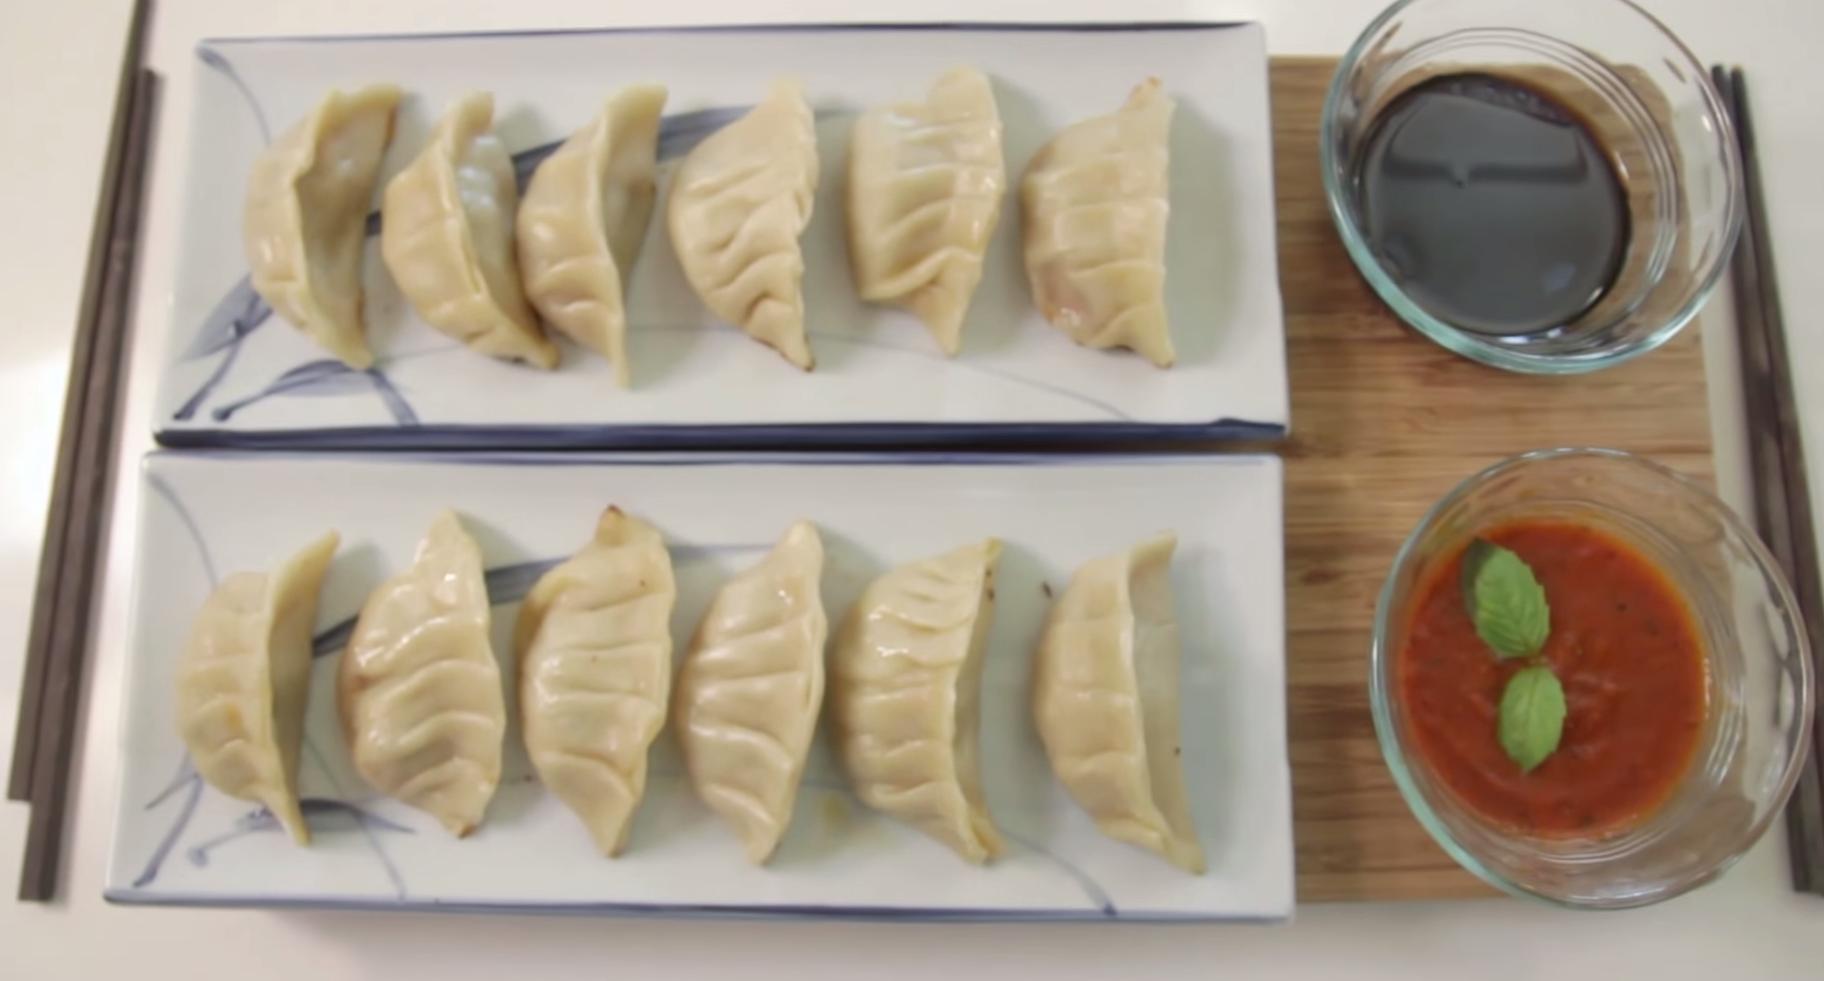 How to Make Pizza Gyoza from 'Teenage Mutant Ninja Turtles'